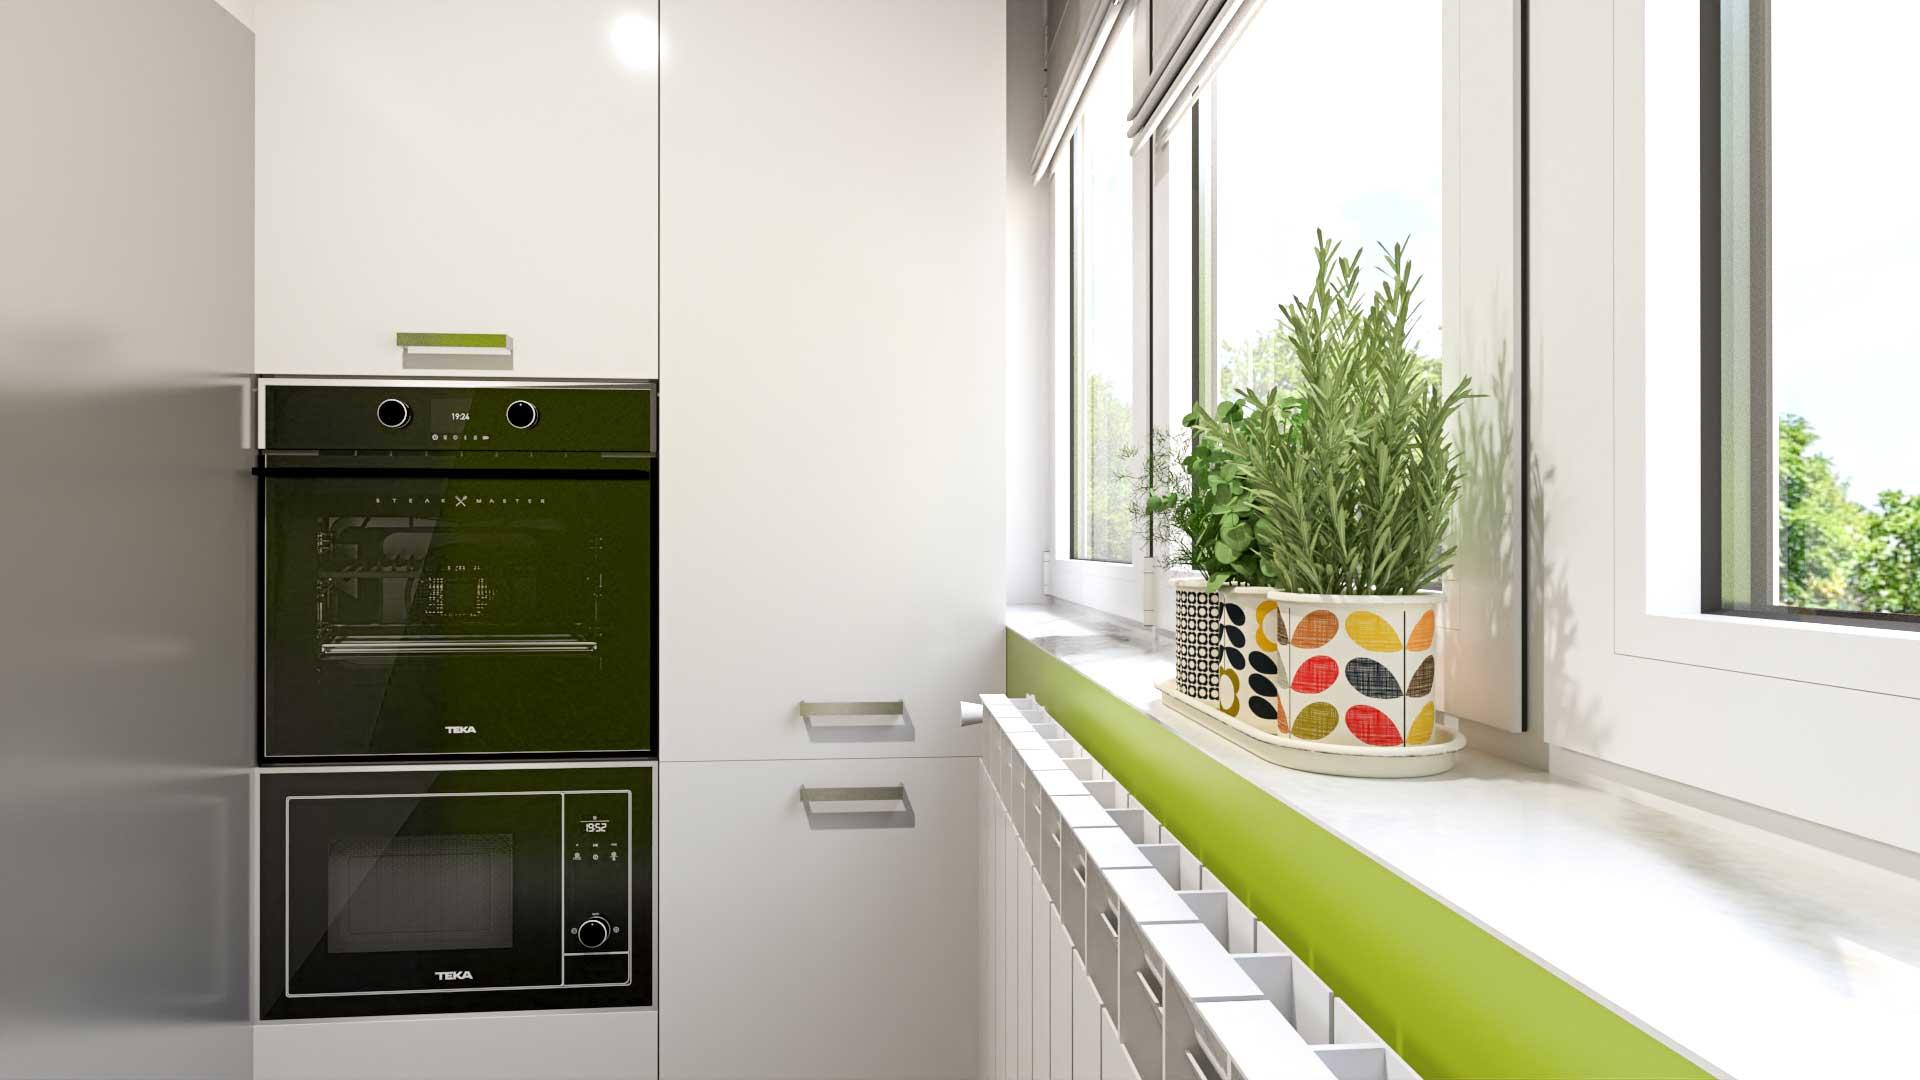 Kitchen visualization - Bitopia 3D rendering studio